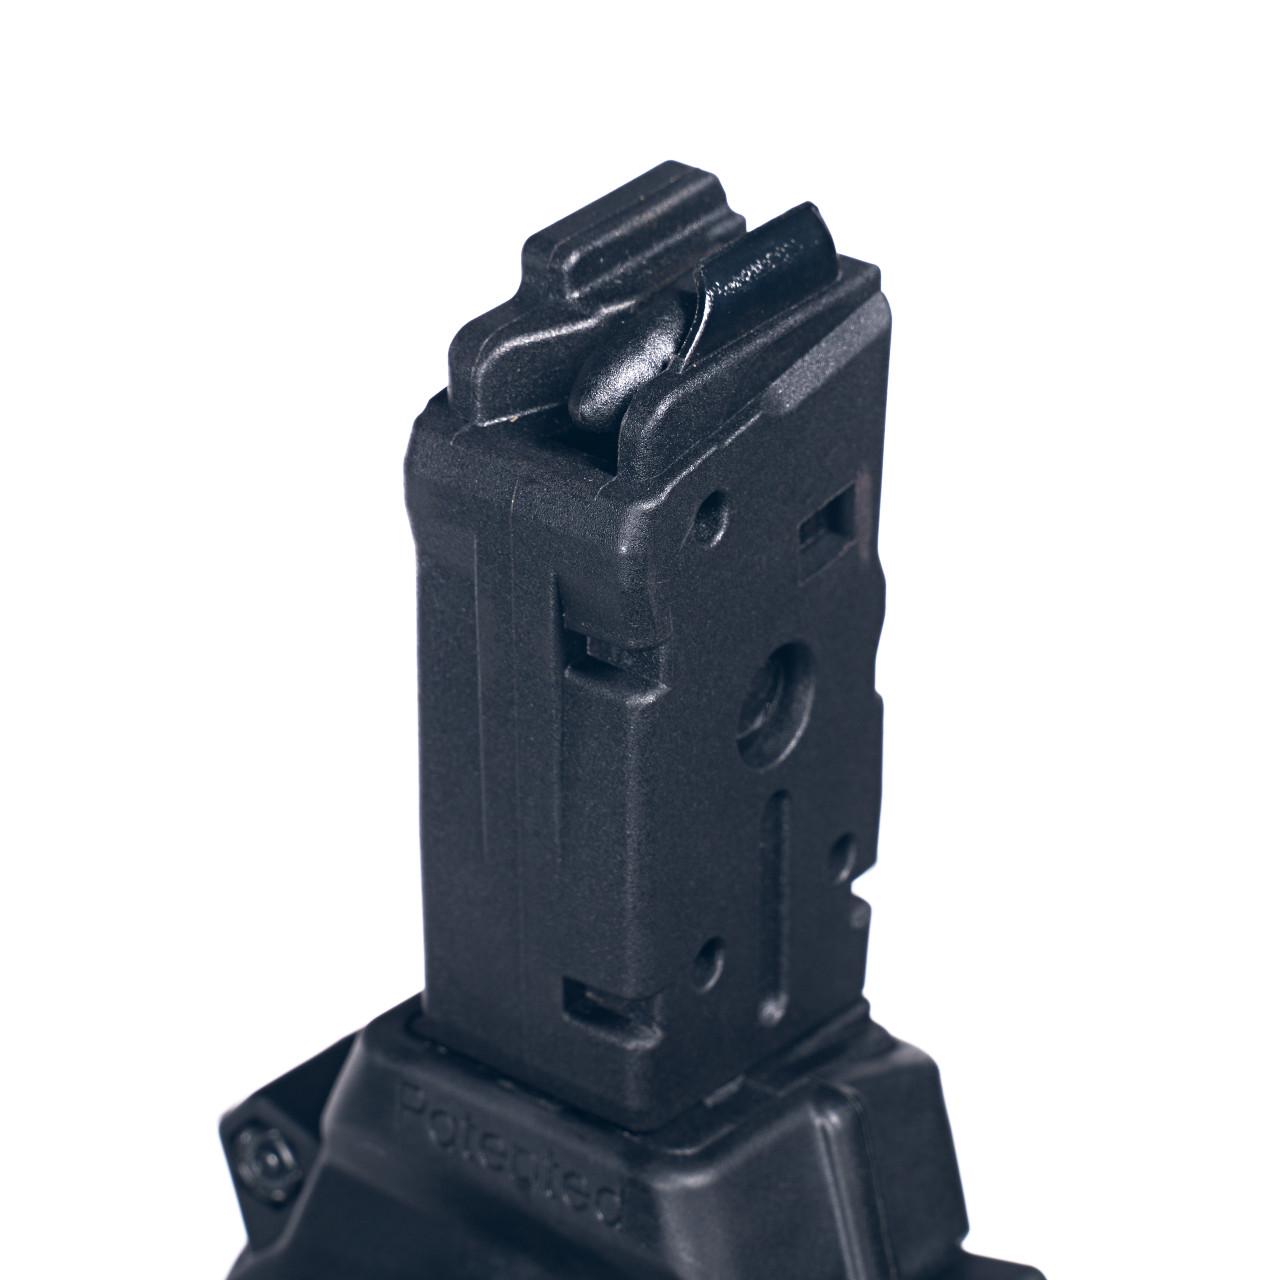 Sig Sauer® Sig MPX 9mm (30) Rd - Black Polymer Drum